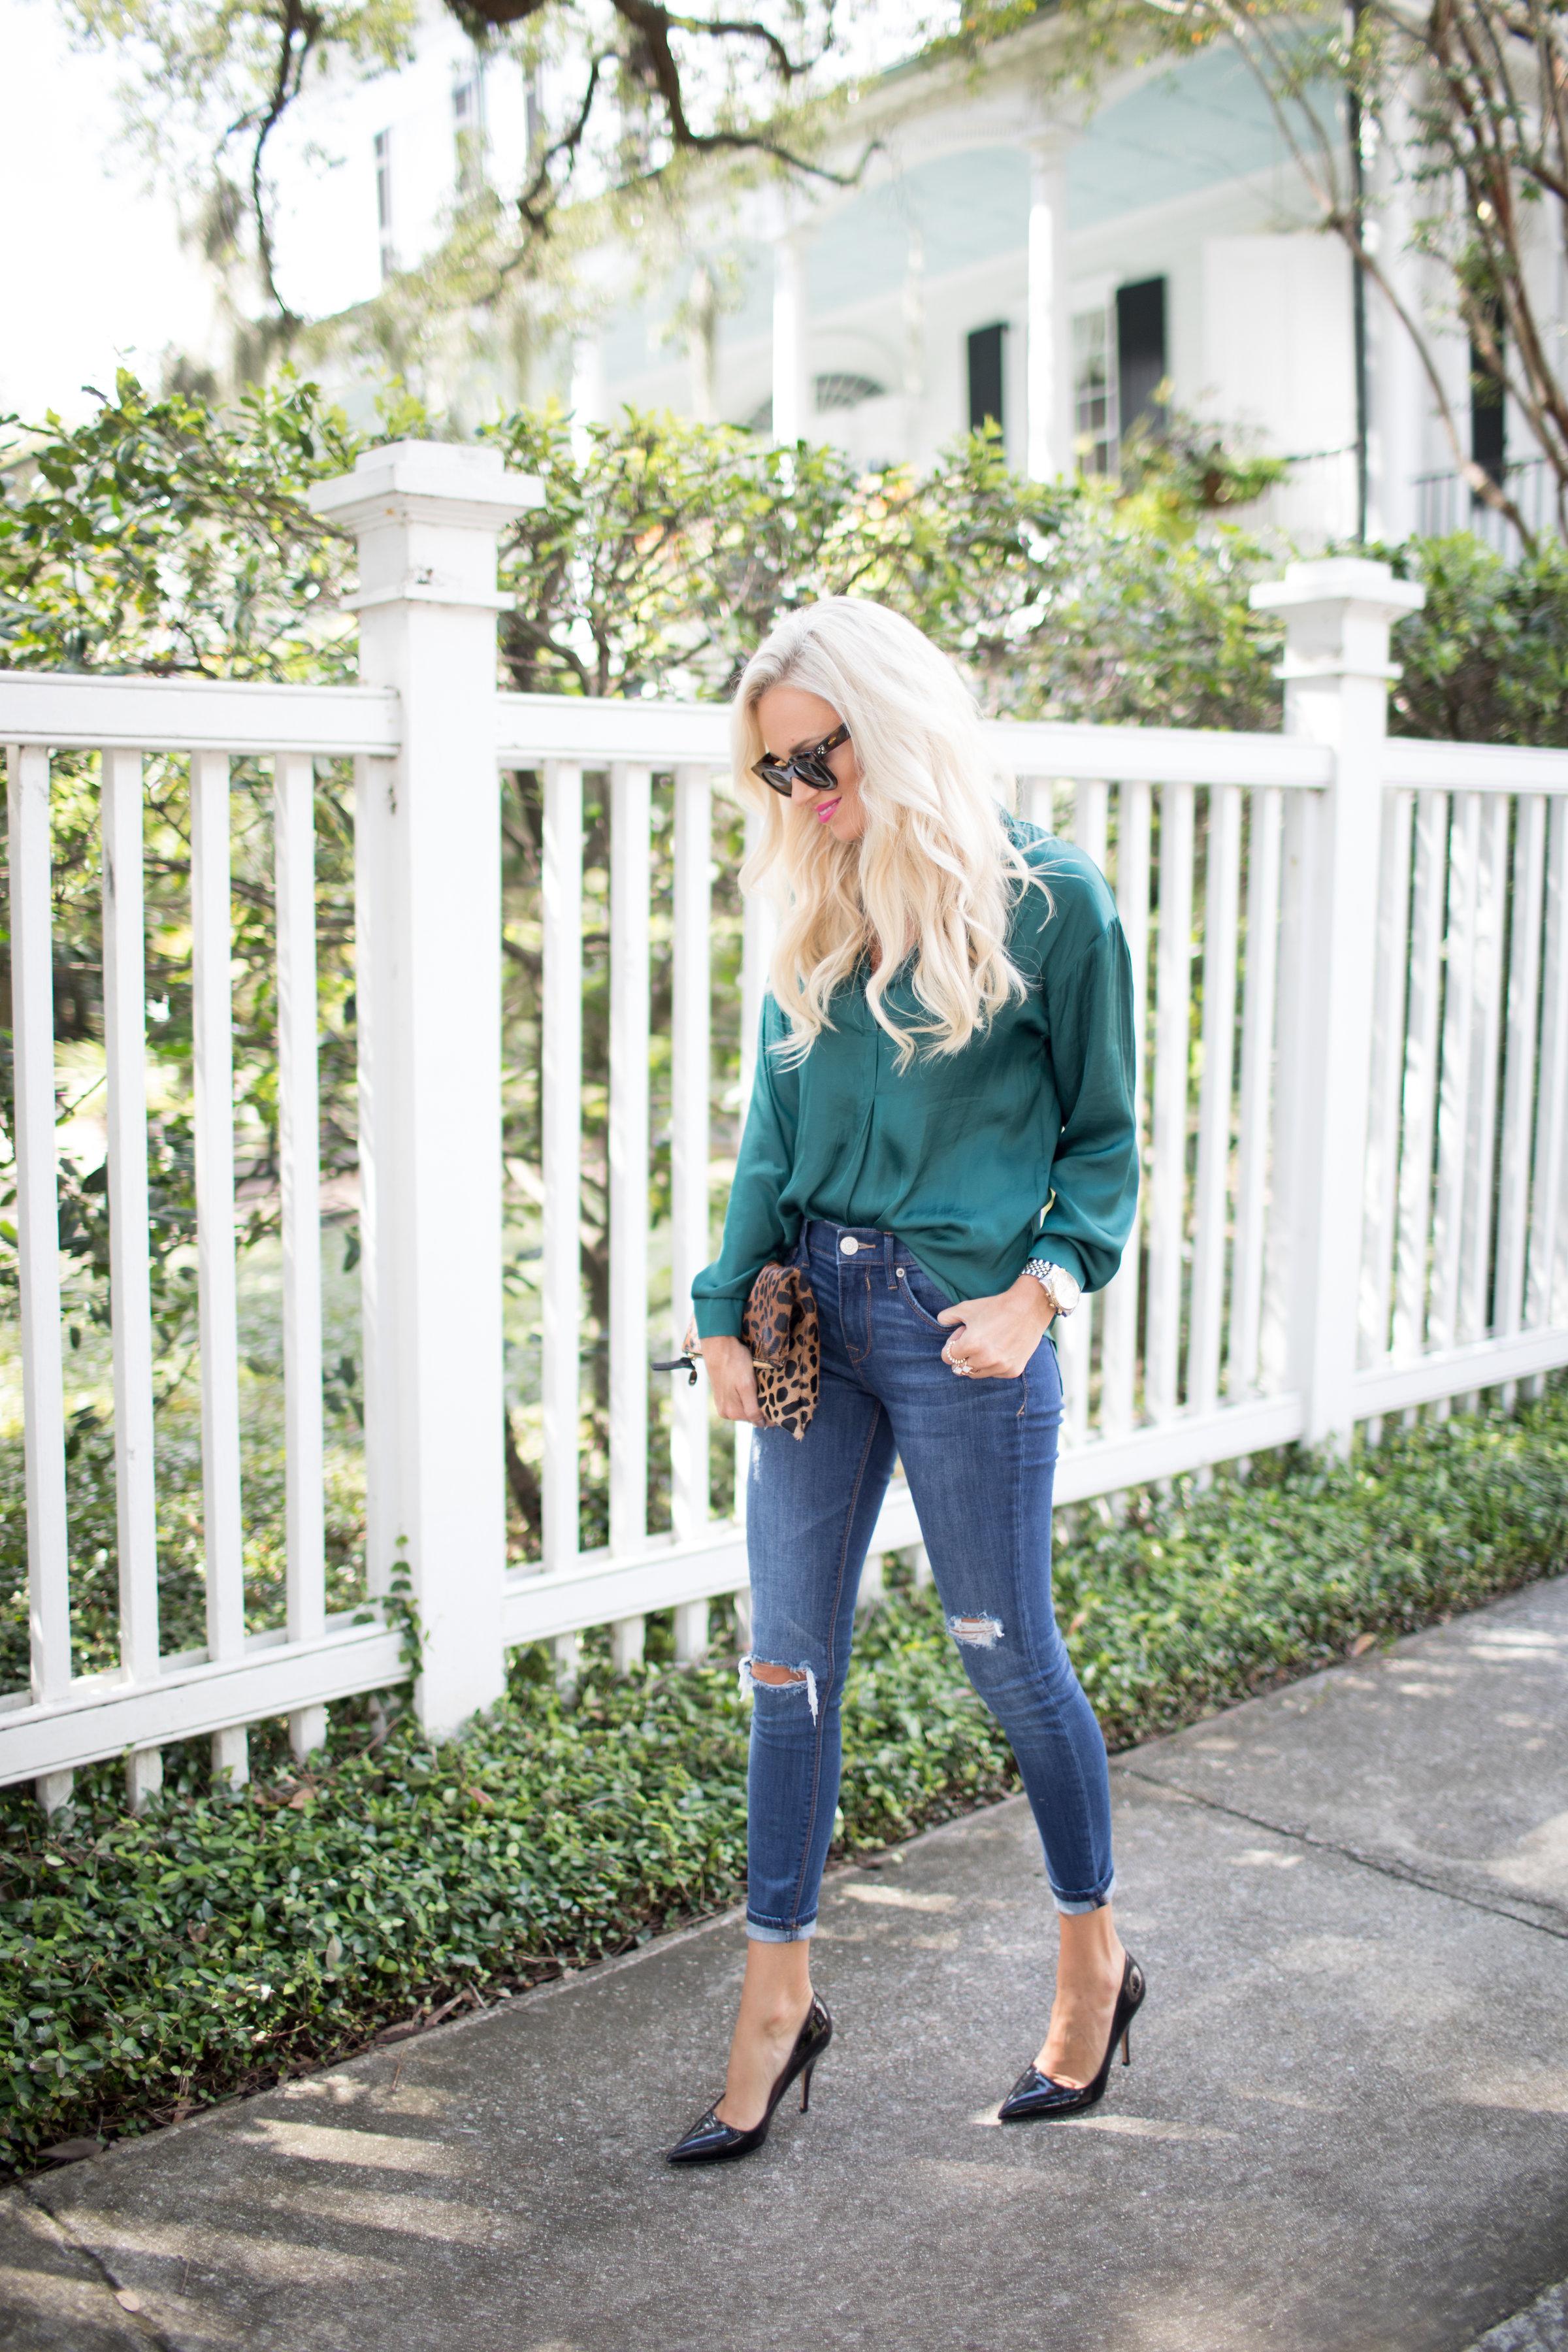 Emerald Blouse + Leopard Clutch